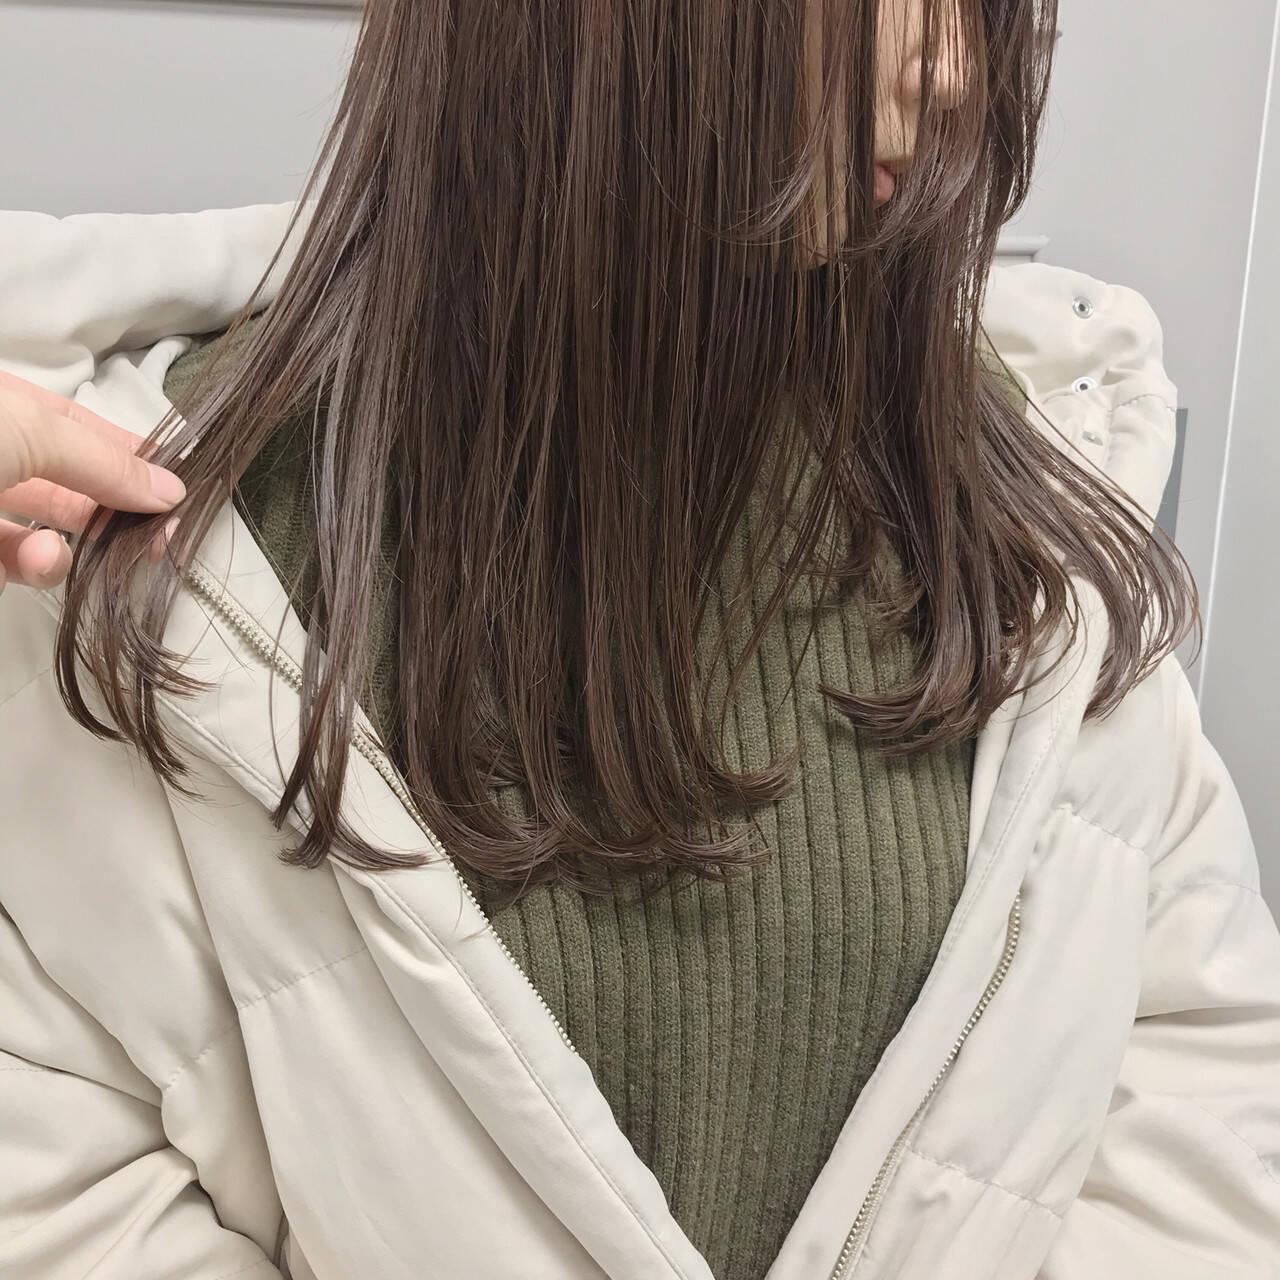 セミロング 大人カジュアル 福岡市 ツヤ髪ヘアスタイルや髪型の写真・画像